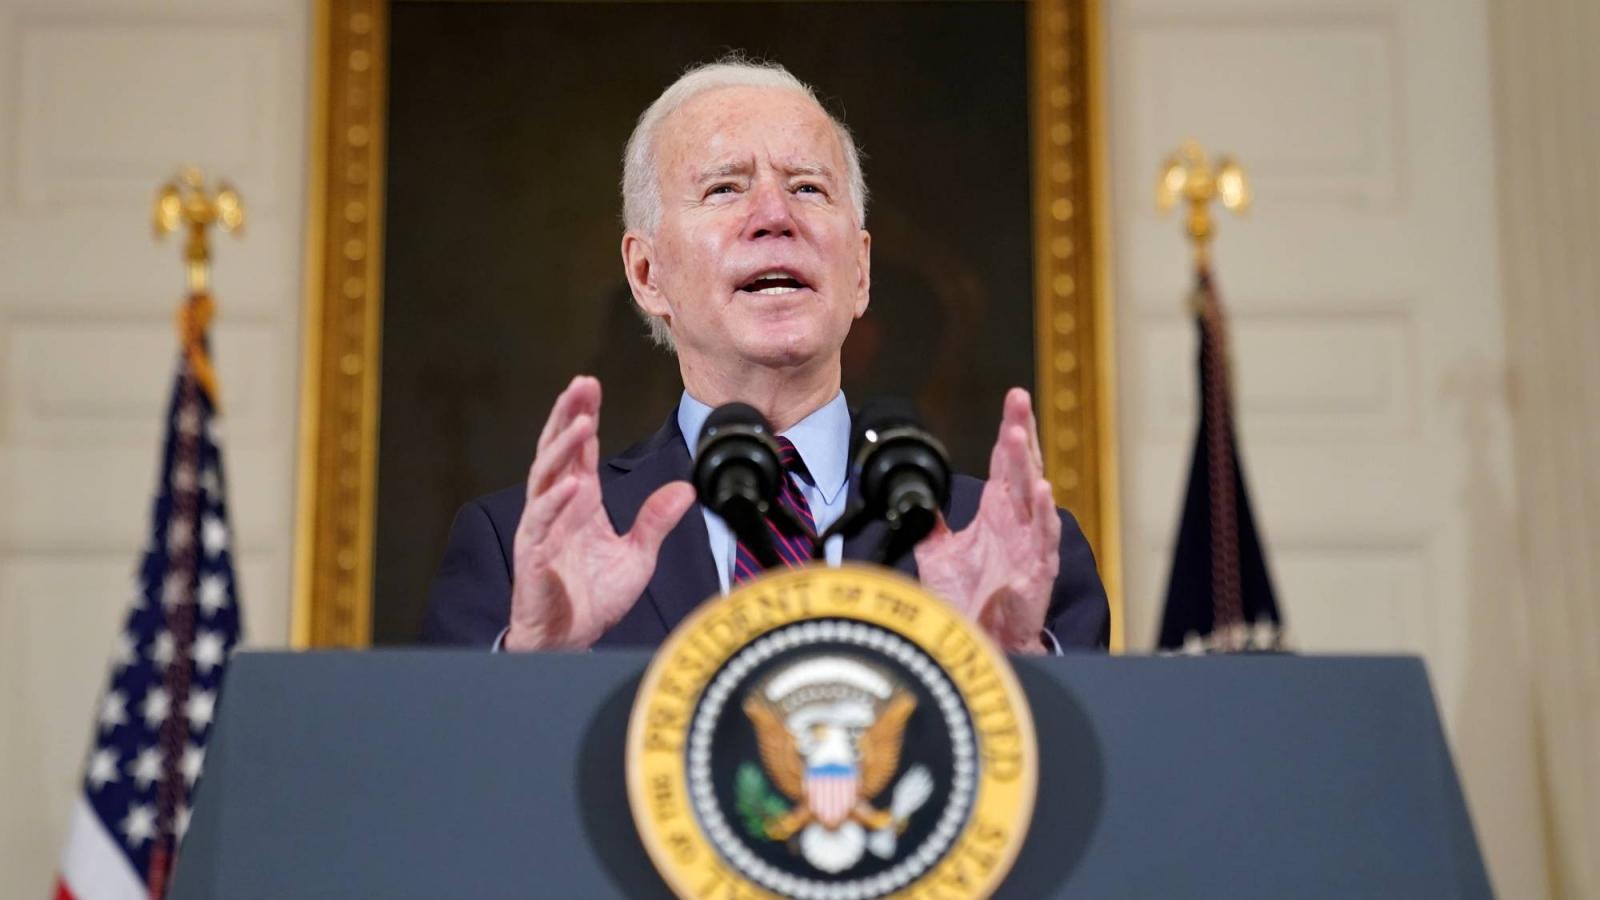 Hồ sơ hạt nhân Iran: Tổng thống Biden đứng trước sức ép phải dỡ bỏ trừng phạt